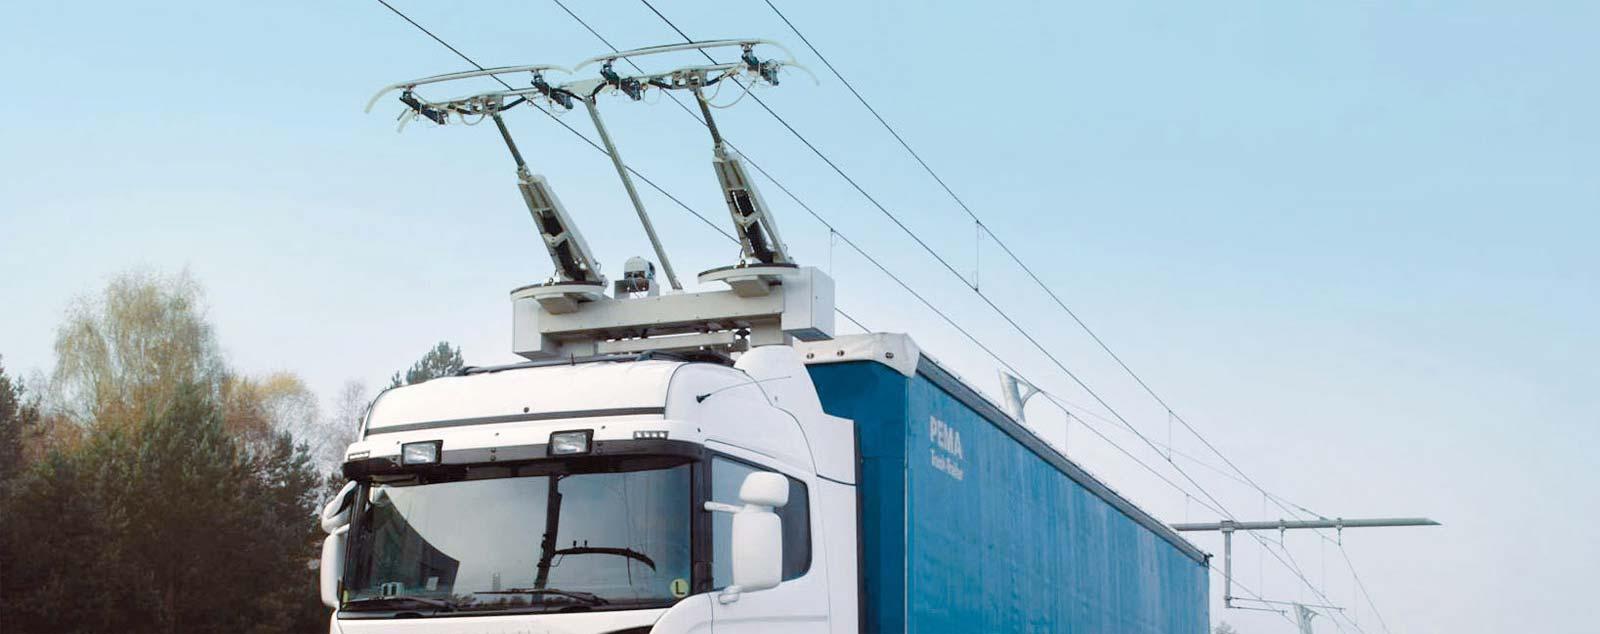 Prvá eDiaľnica v Nemecku: Nový spôsob dopravy pre elektomobily